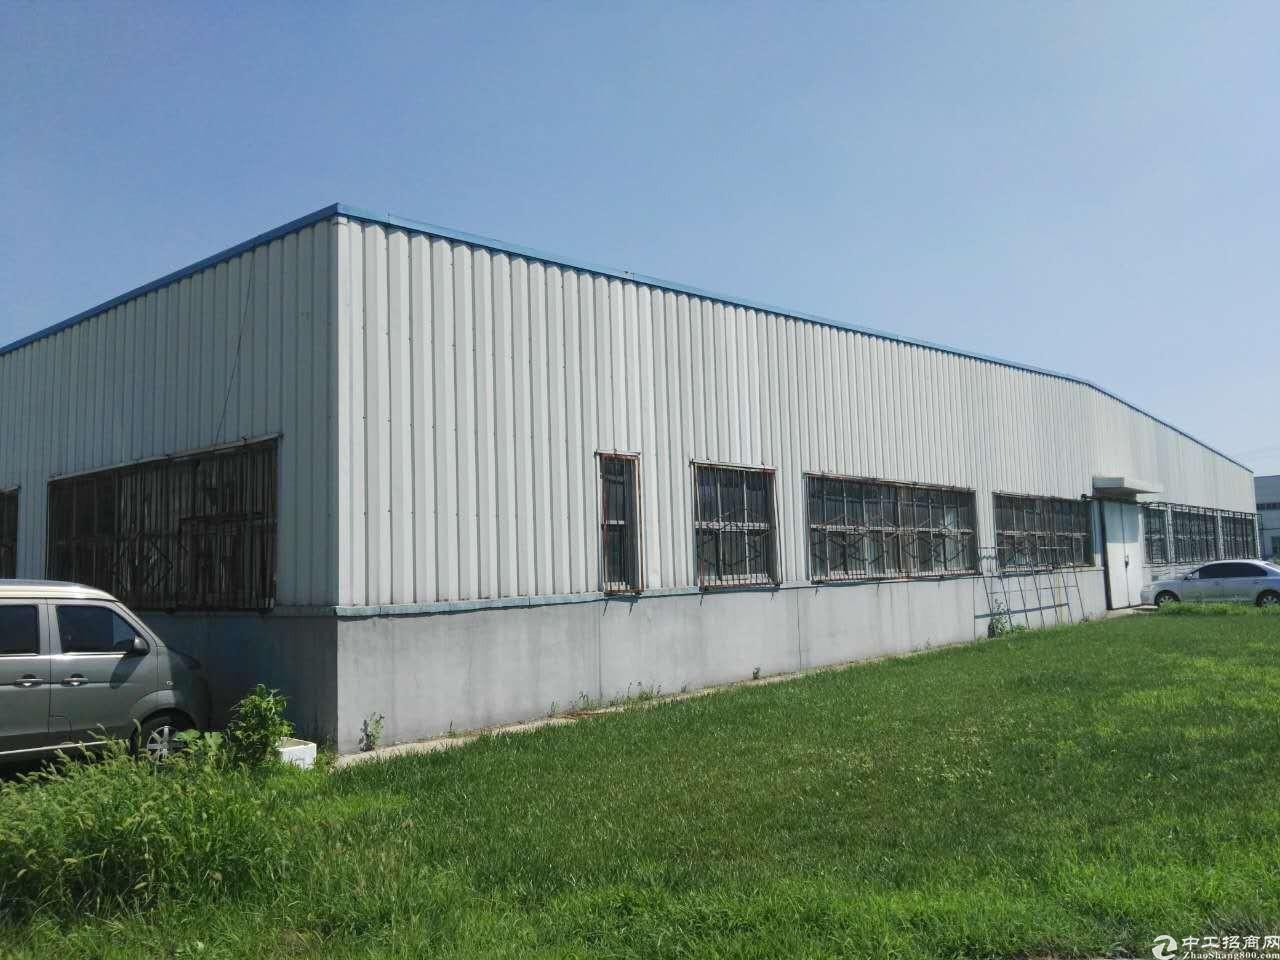 1300㎡单层厂房出租,业主遗留装修,适用于机加工、仓储